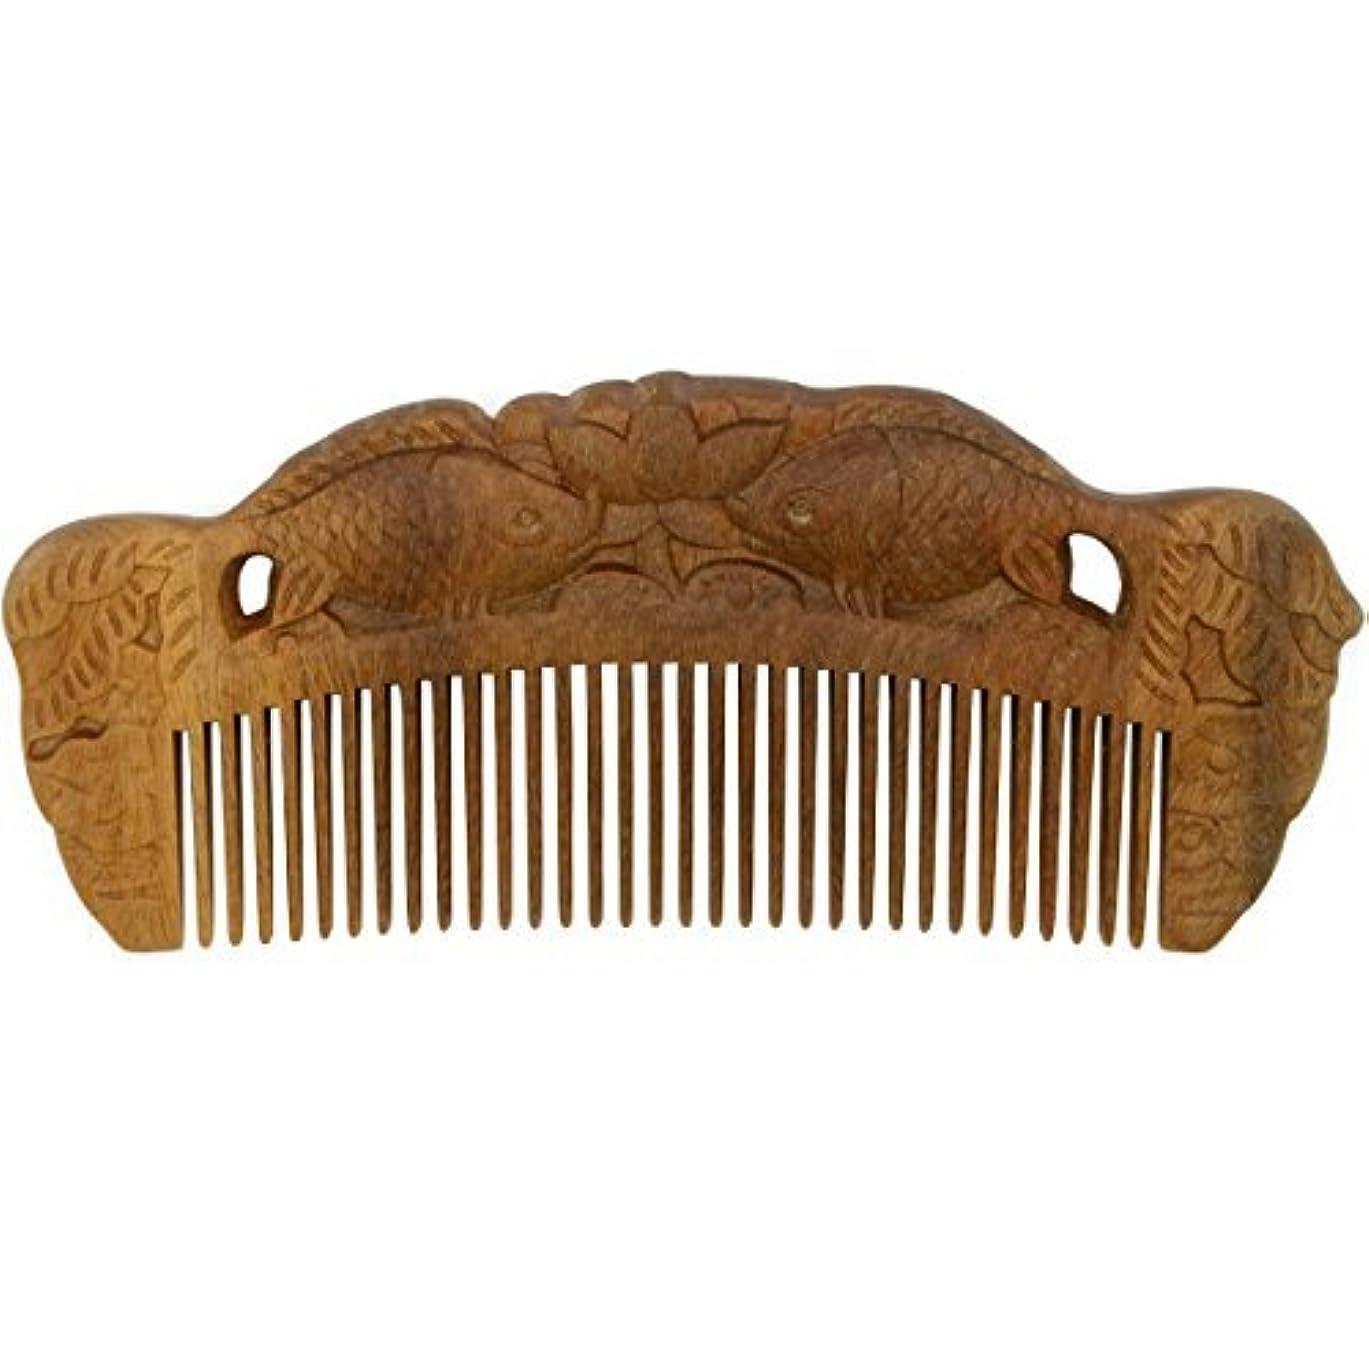 ナンセンス報酬のフォームYOY Handmade Carved Natural Sandalwood Hair Comb - Anti-static No Snag Brush for Men's Mustache Beard Care Anti...